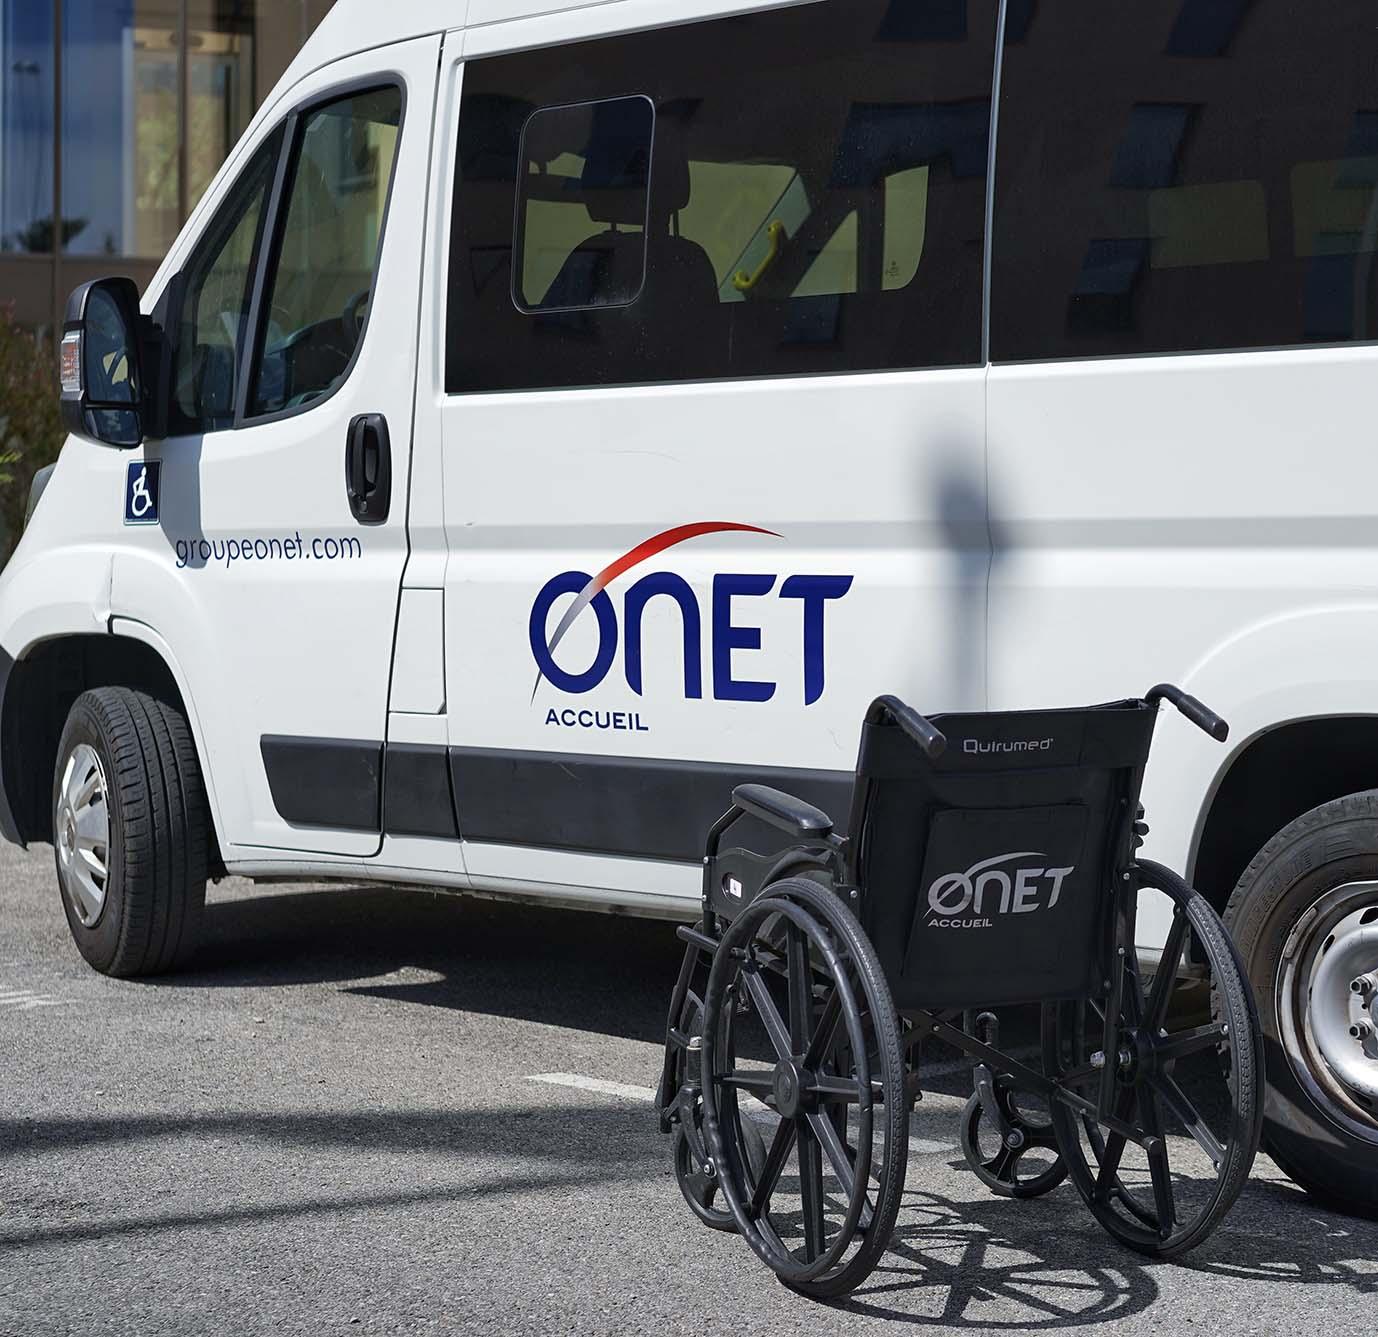 Onet Accueil - Fauteuil roulant pour accompagnement de personne à mobilité réduite